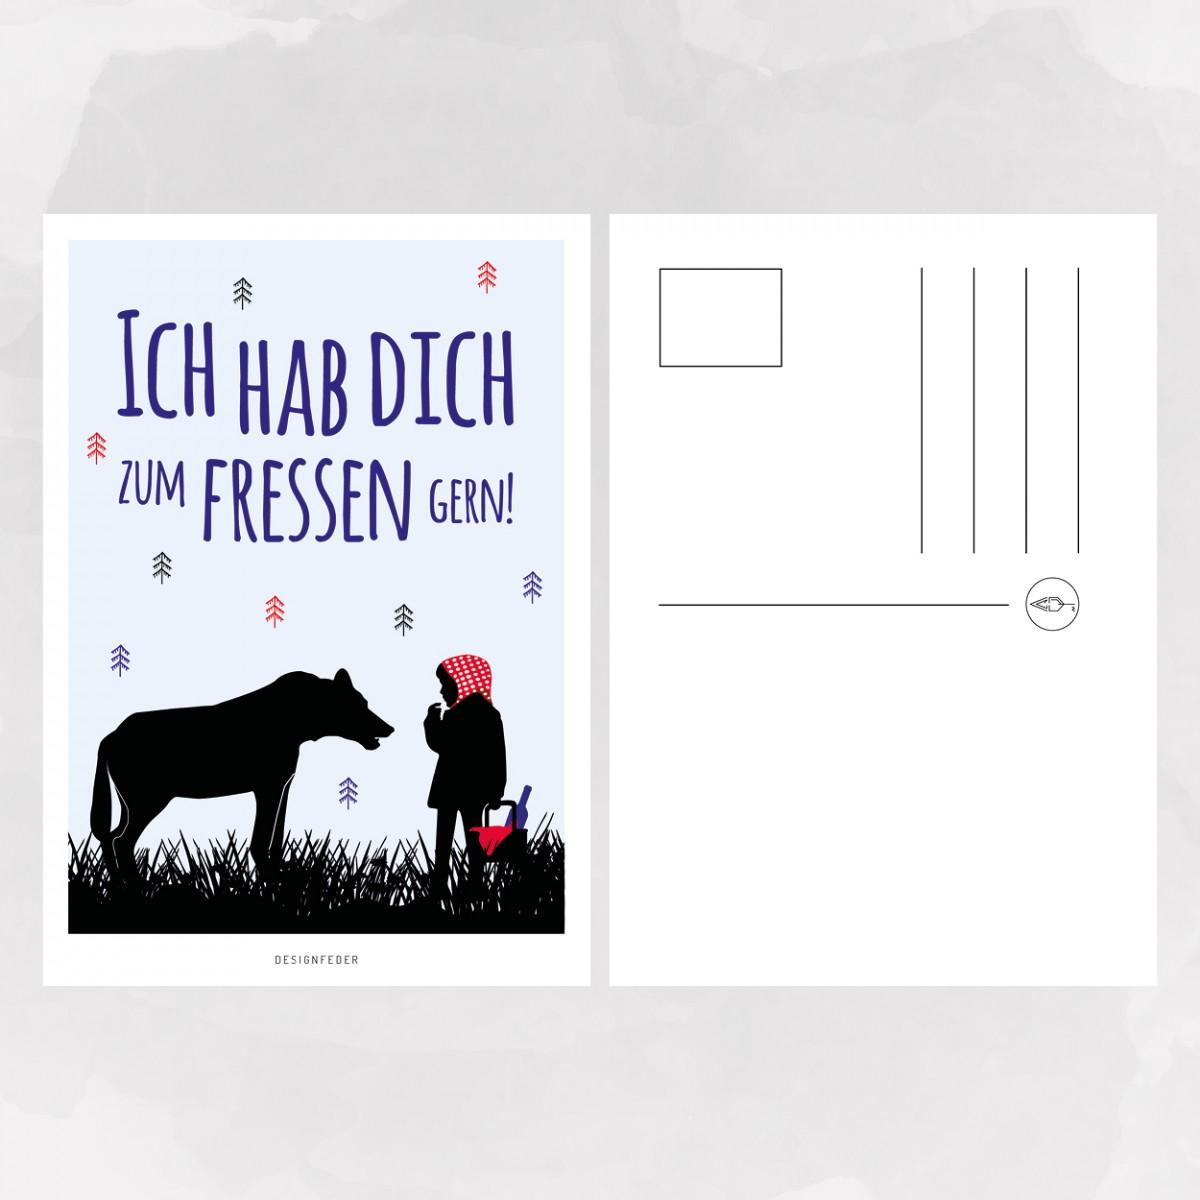 designfeder | Postkarte Ich hab dich zum fressen gern